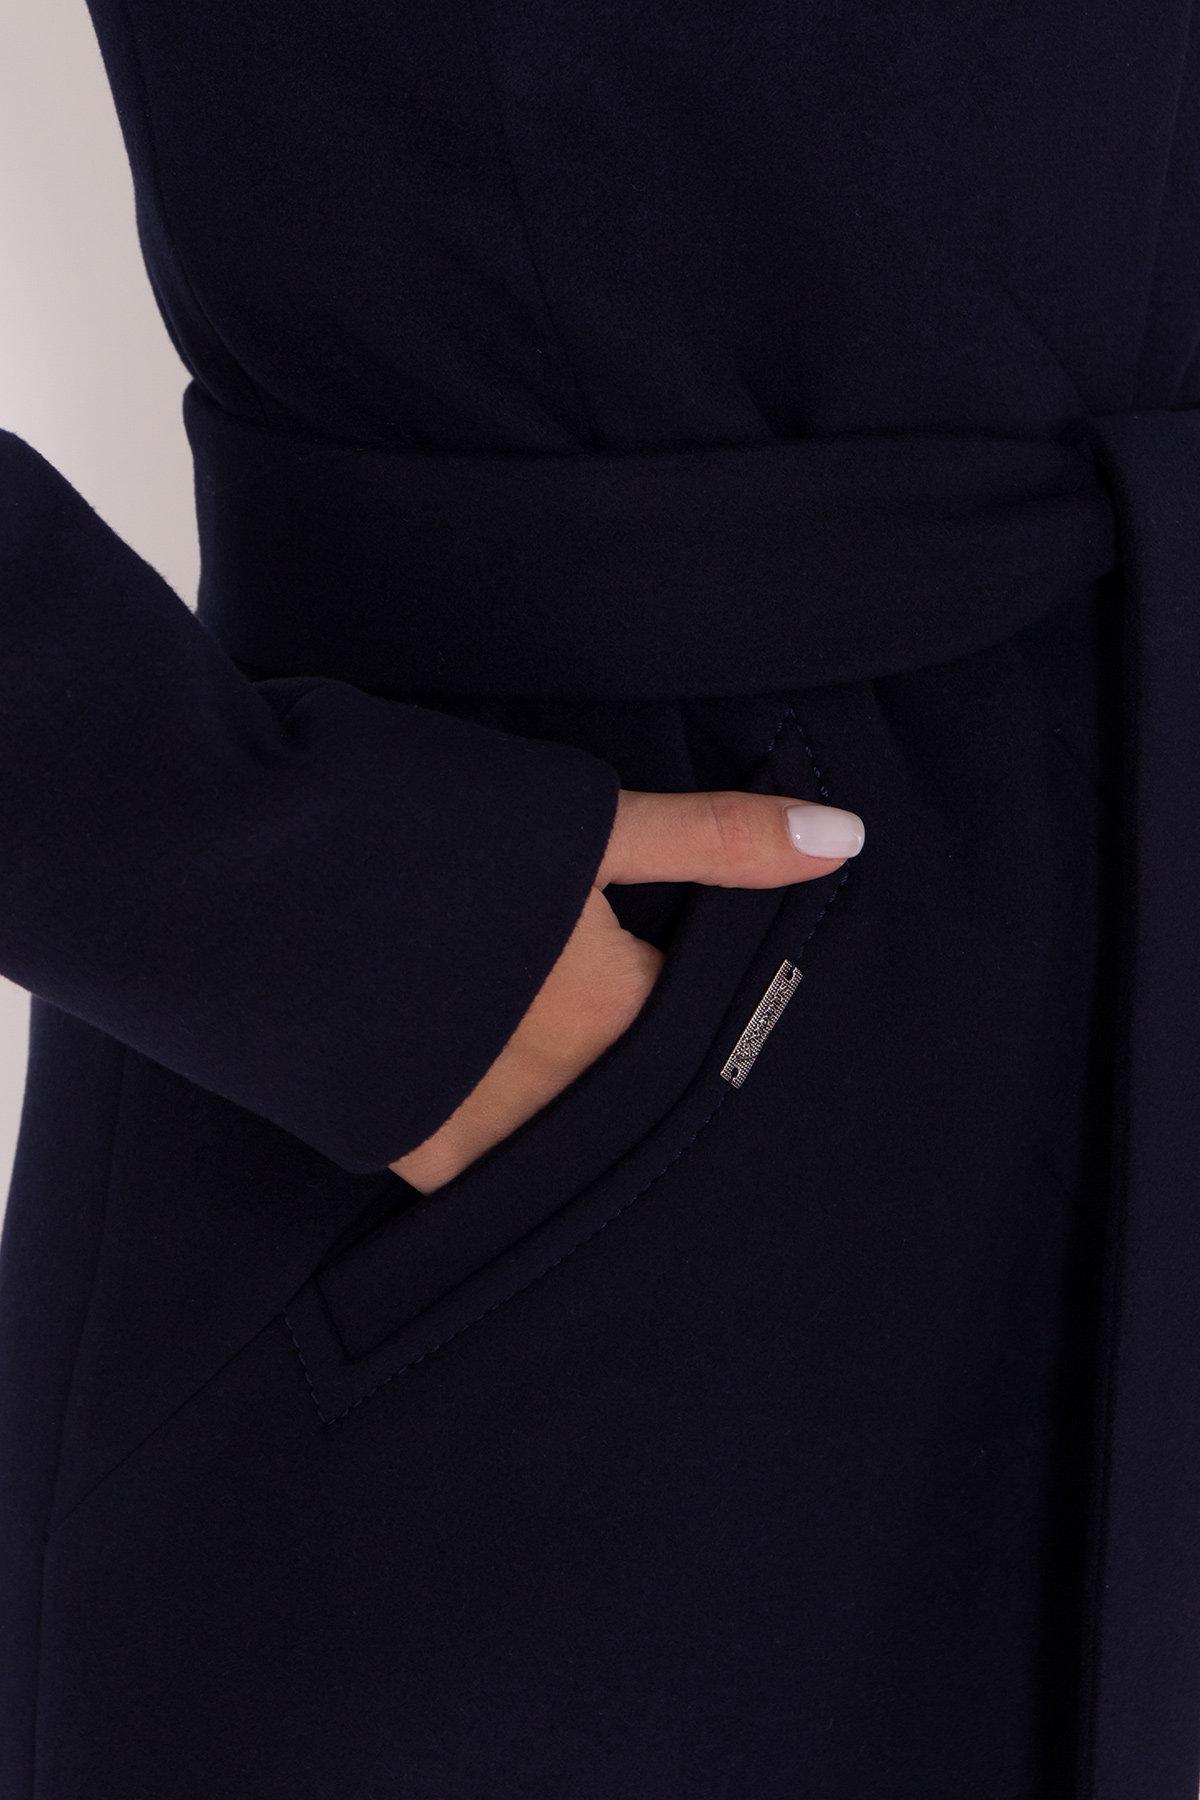 Пальто зима с хомутом Люцея 8211 АРТ. 44224 Цвет: Т.синий Н-14 - фото 21, интернет магазин tm-modus.ru